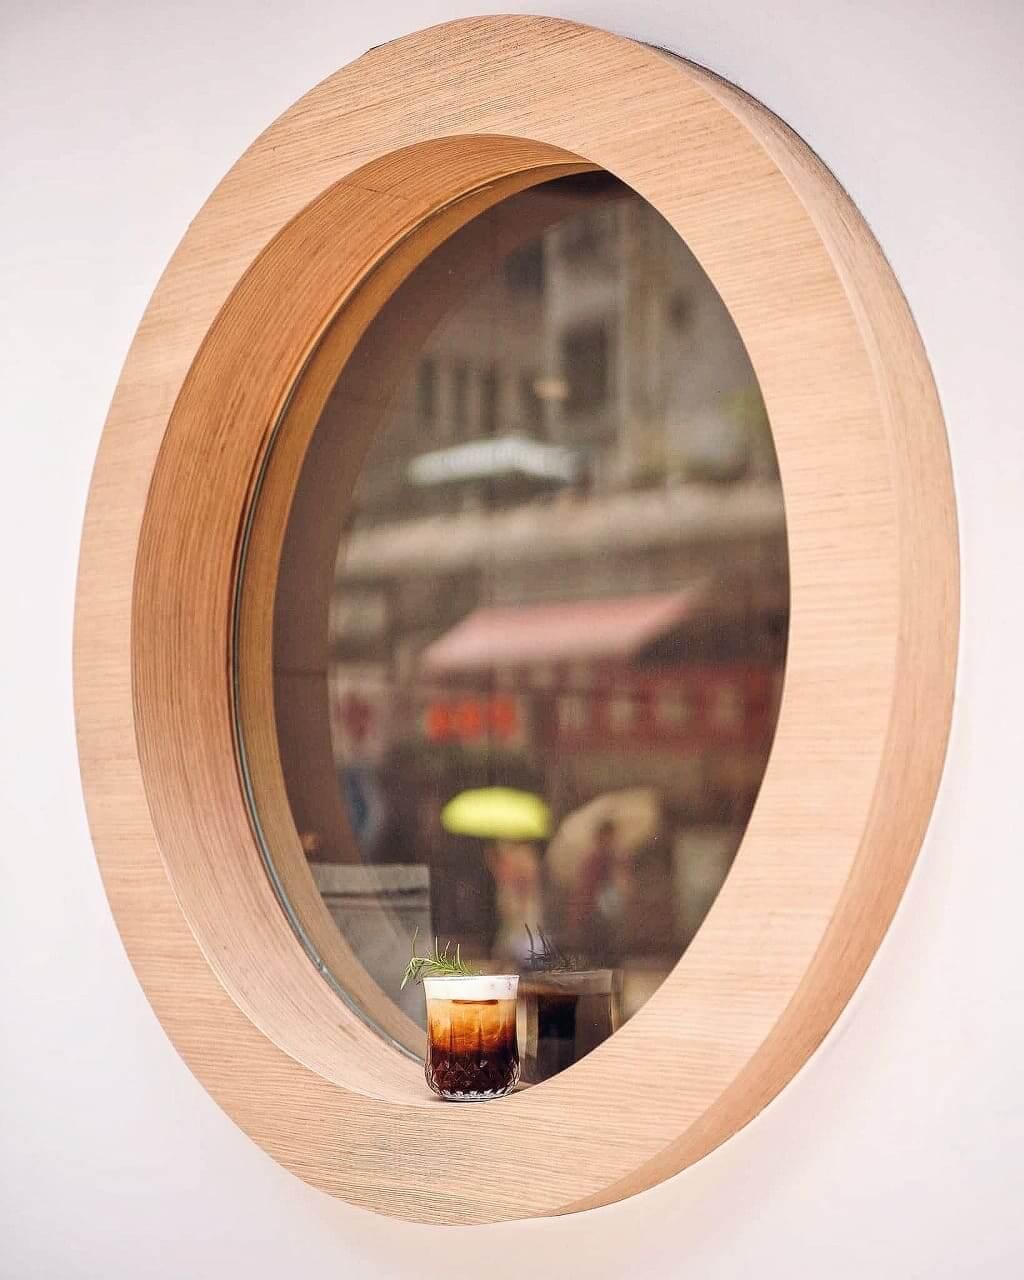 圓木框窗係「鳥山。商號」標誌設計。